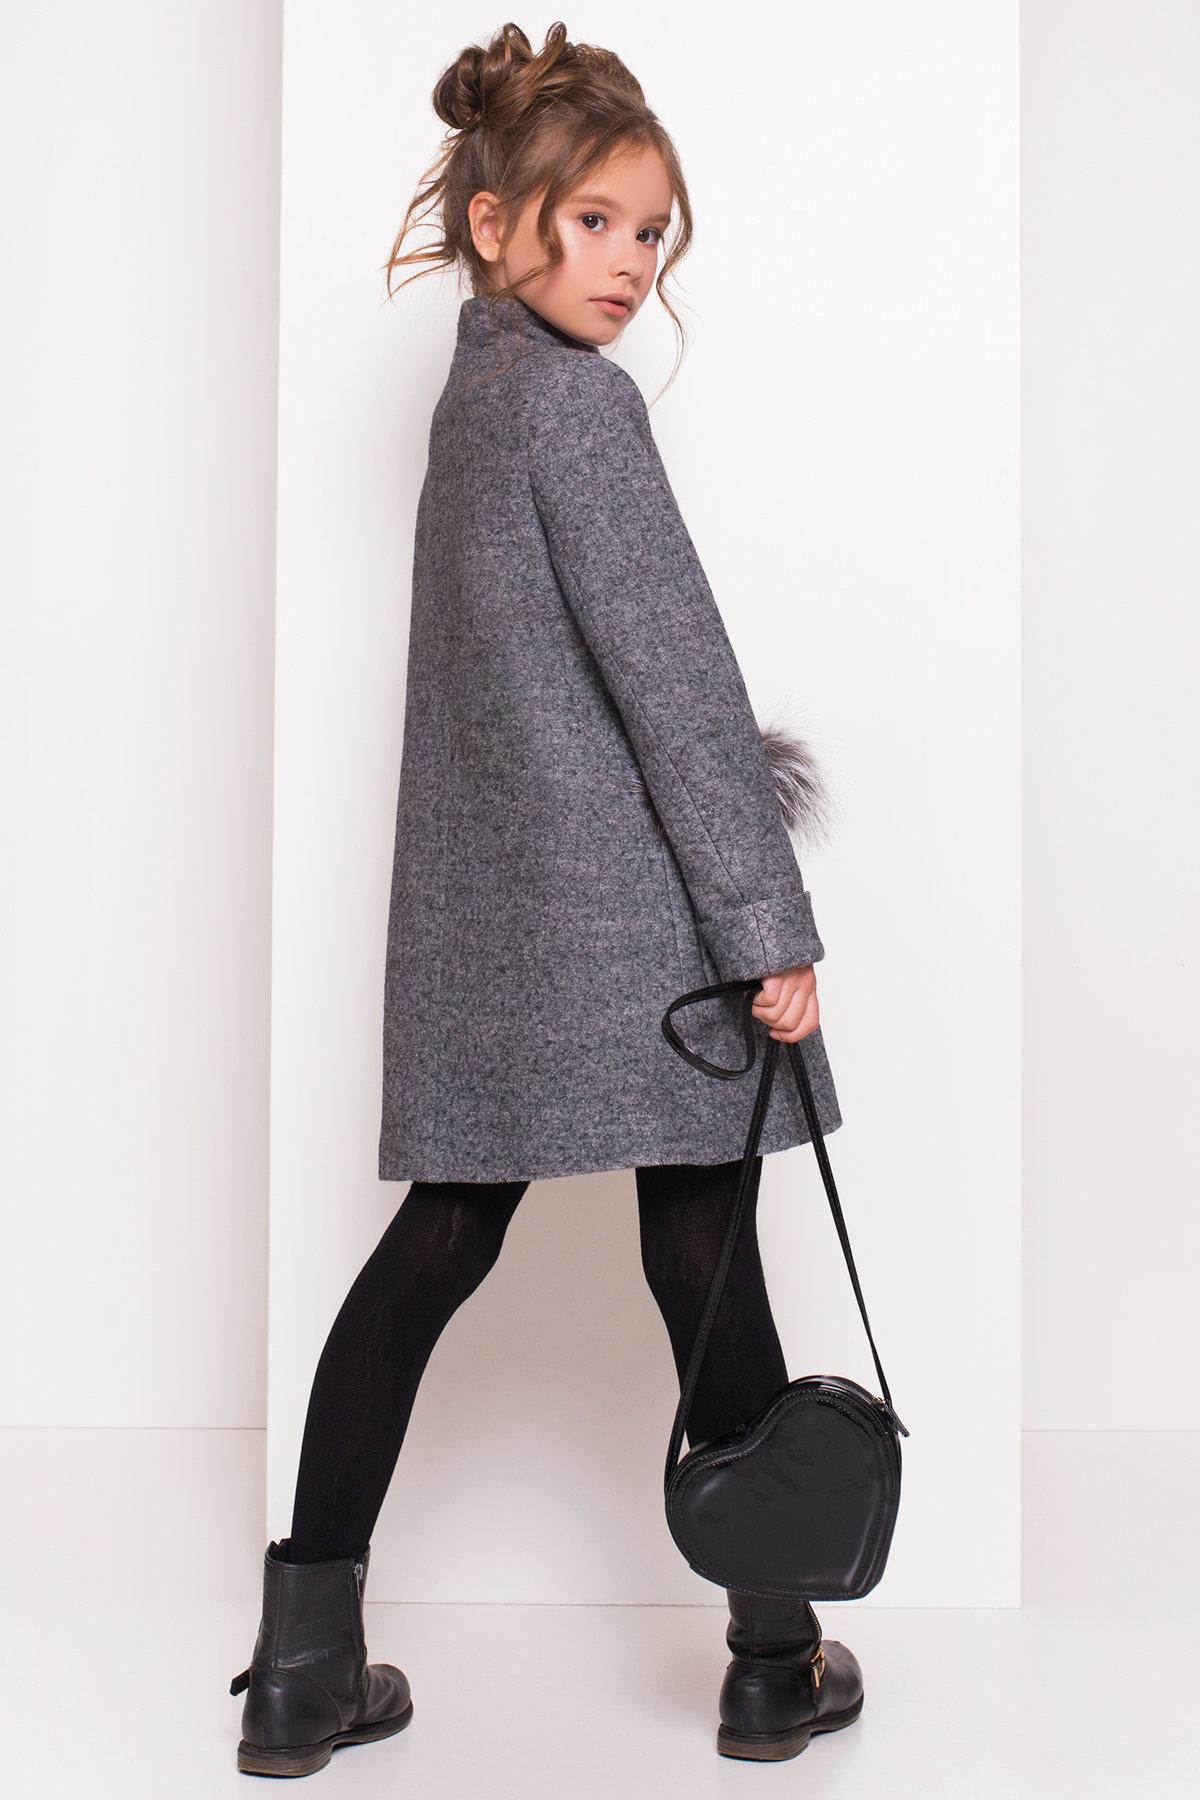 Пальто детское Норма 5286 АРТ. 36527 Цвет: Серый Темный LW-5 - фото 5, интернет магазин tm-modus.ru